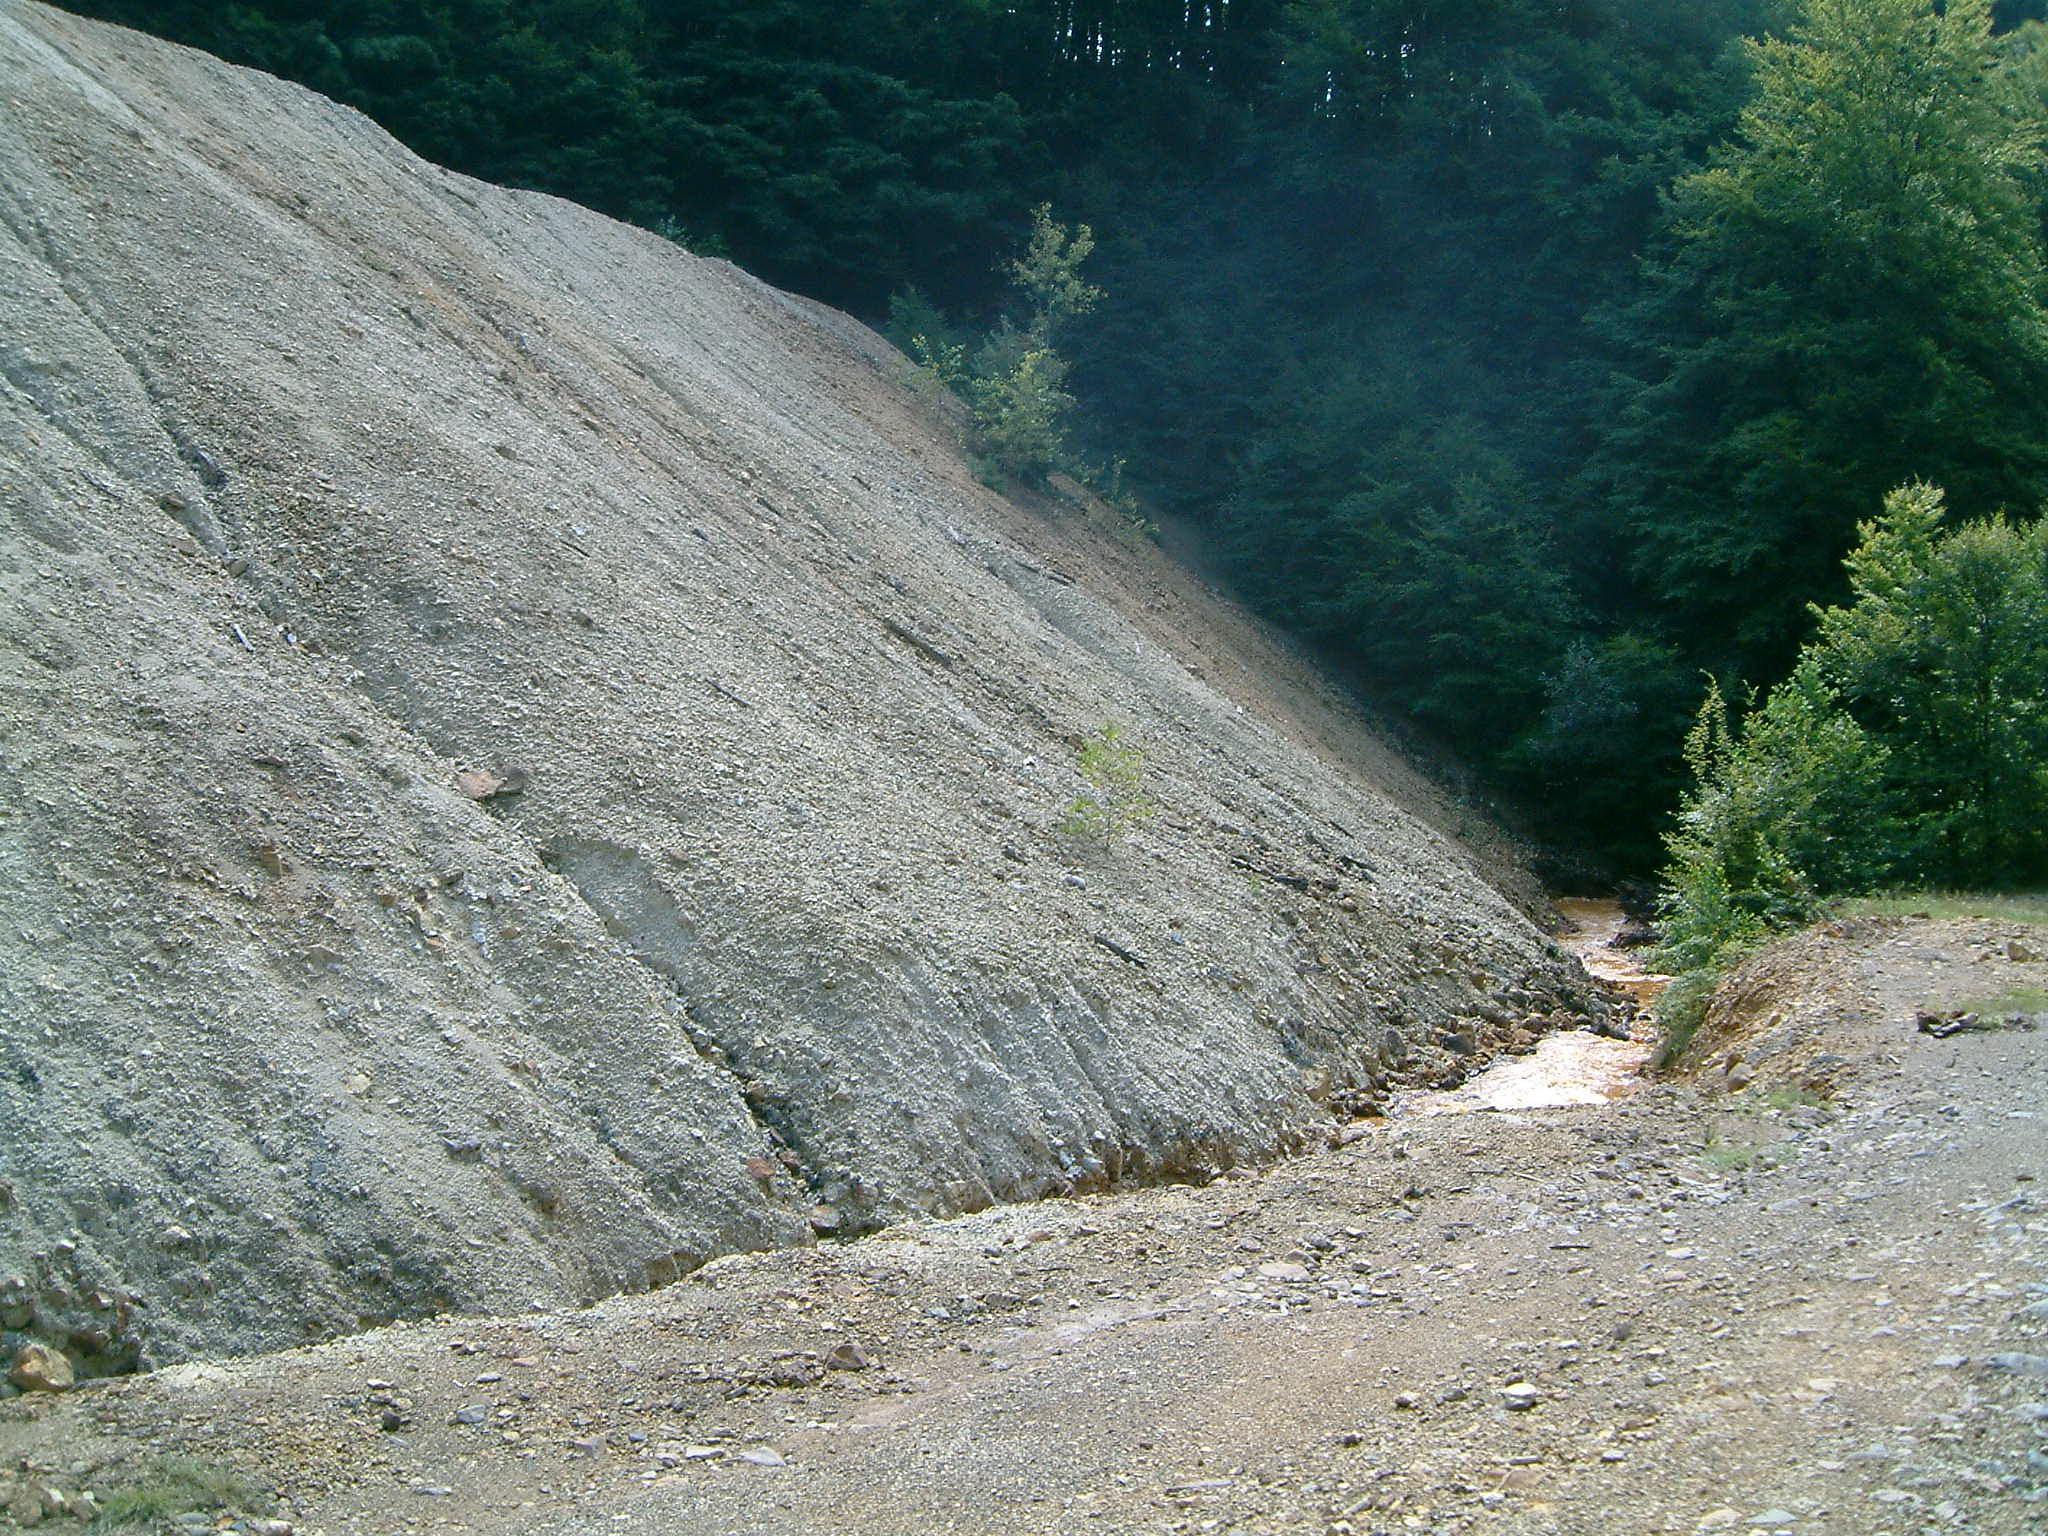 Bányameddőhányó Iloba bánya területén (Románia)